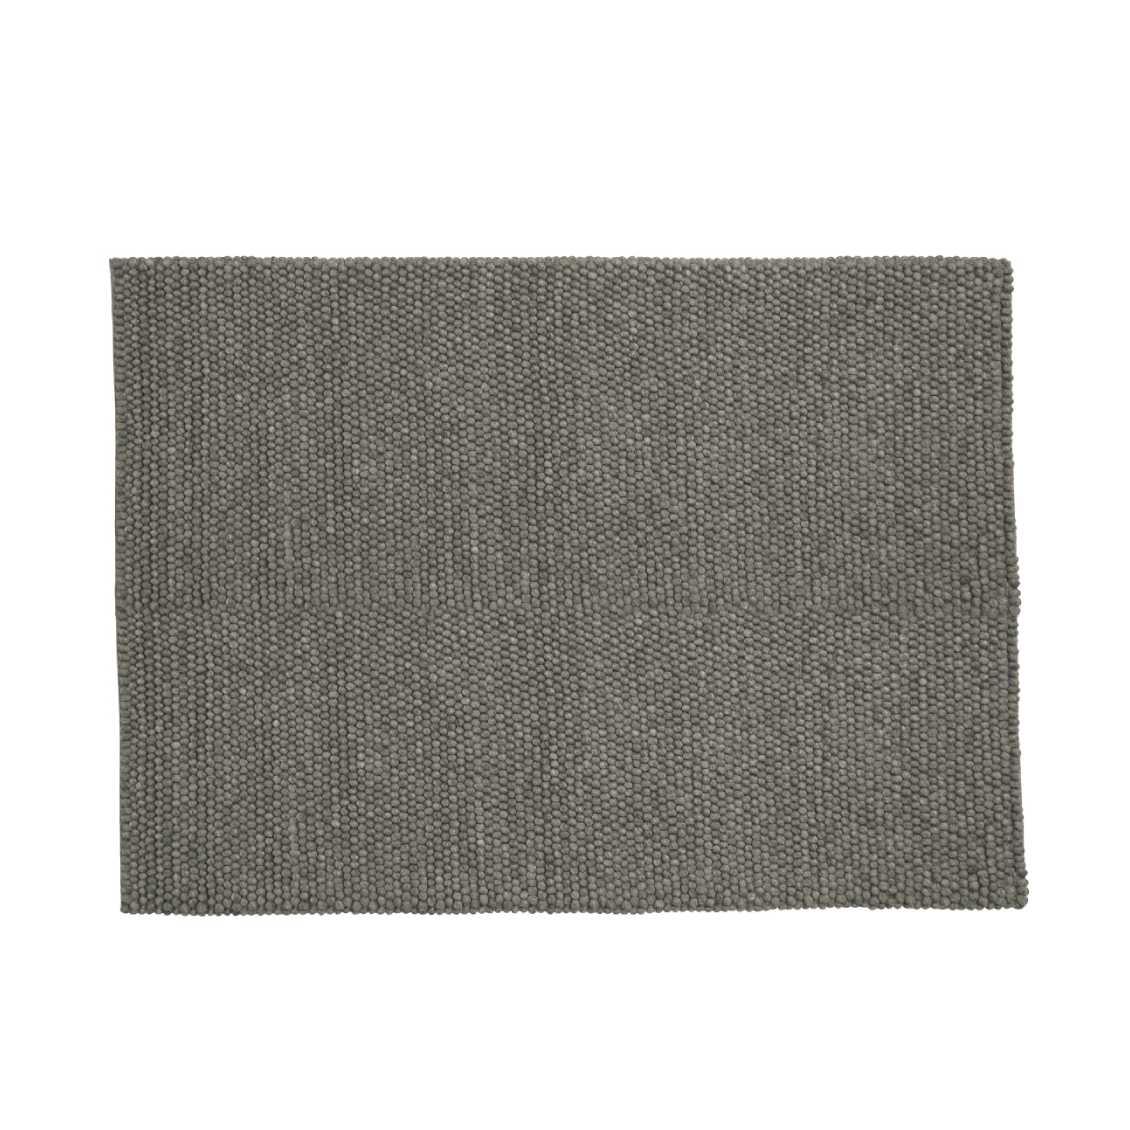 HAY Peas Karpet Vloerkleed 200 x 80 Donker Grijs